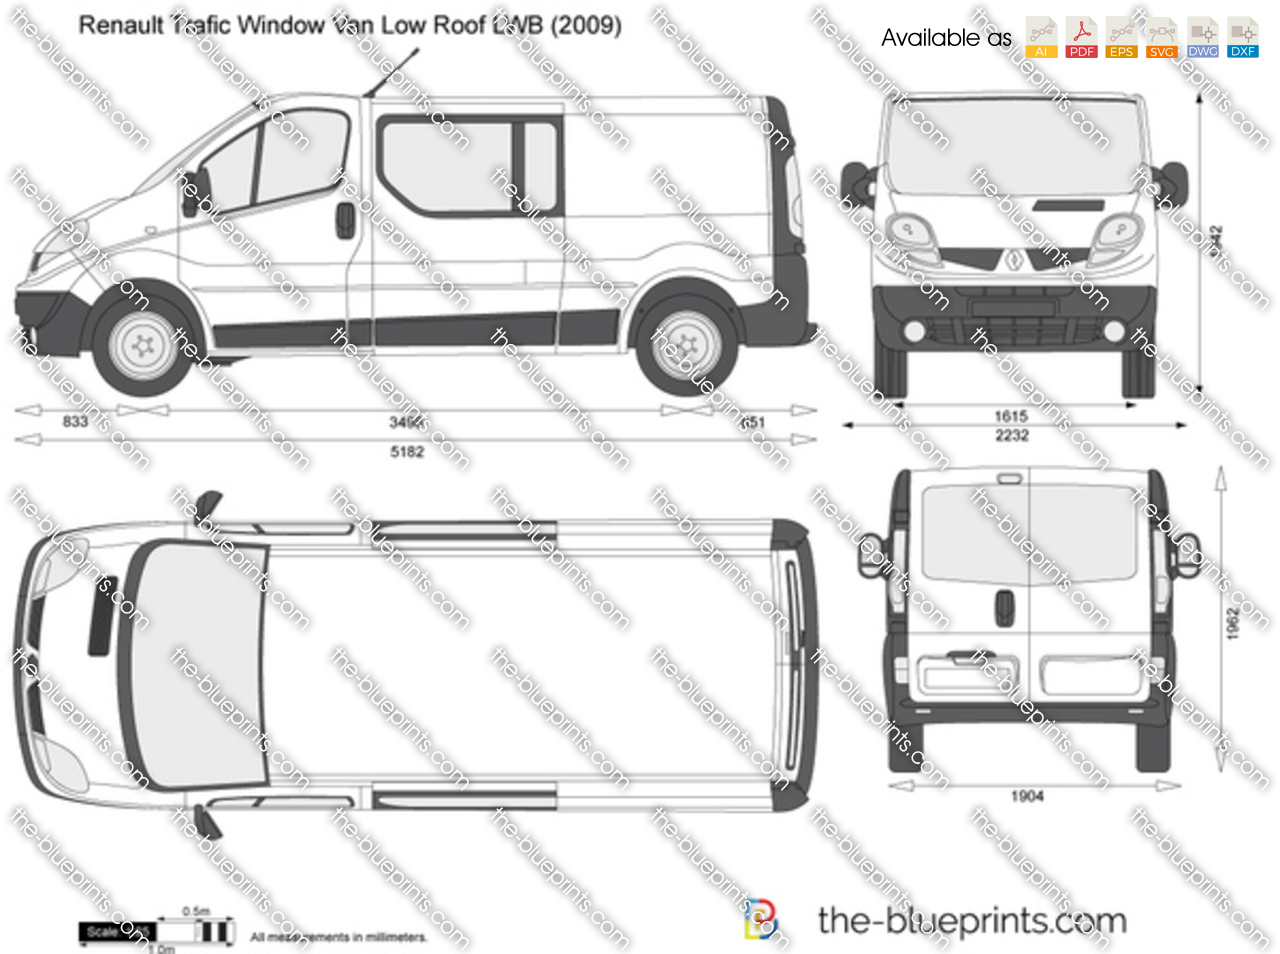 Renault Trafic Window Van Low Roof LWB 2006